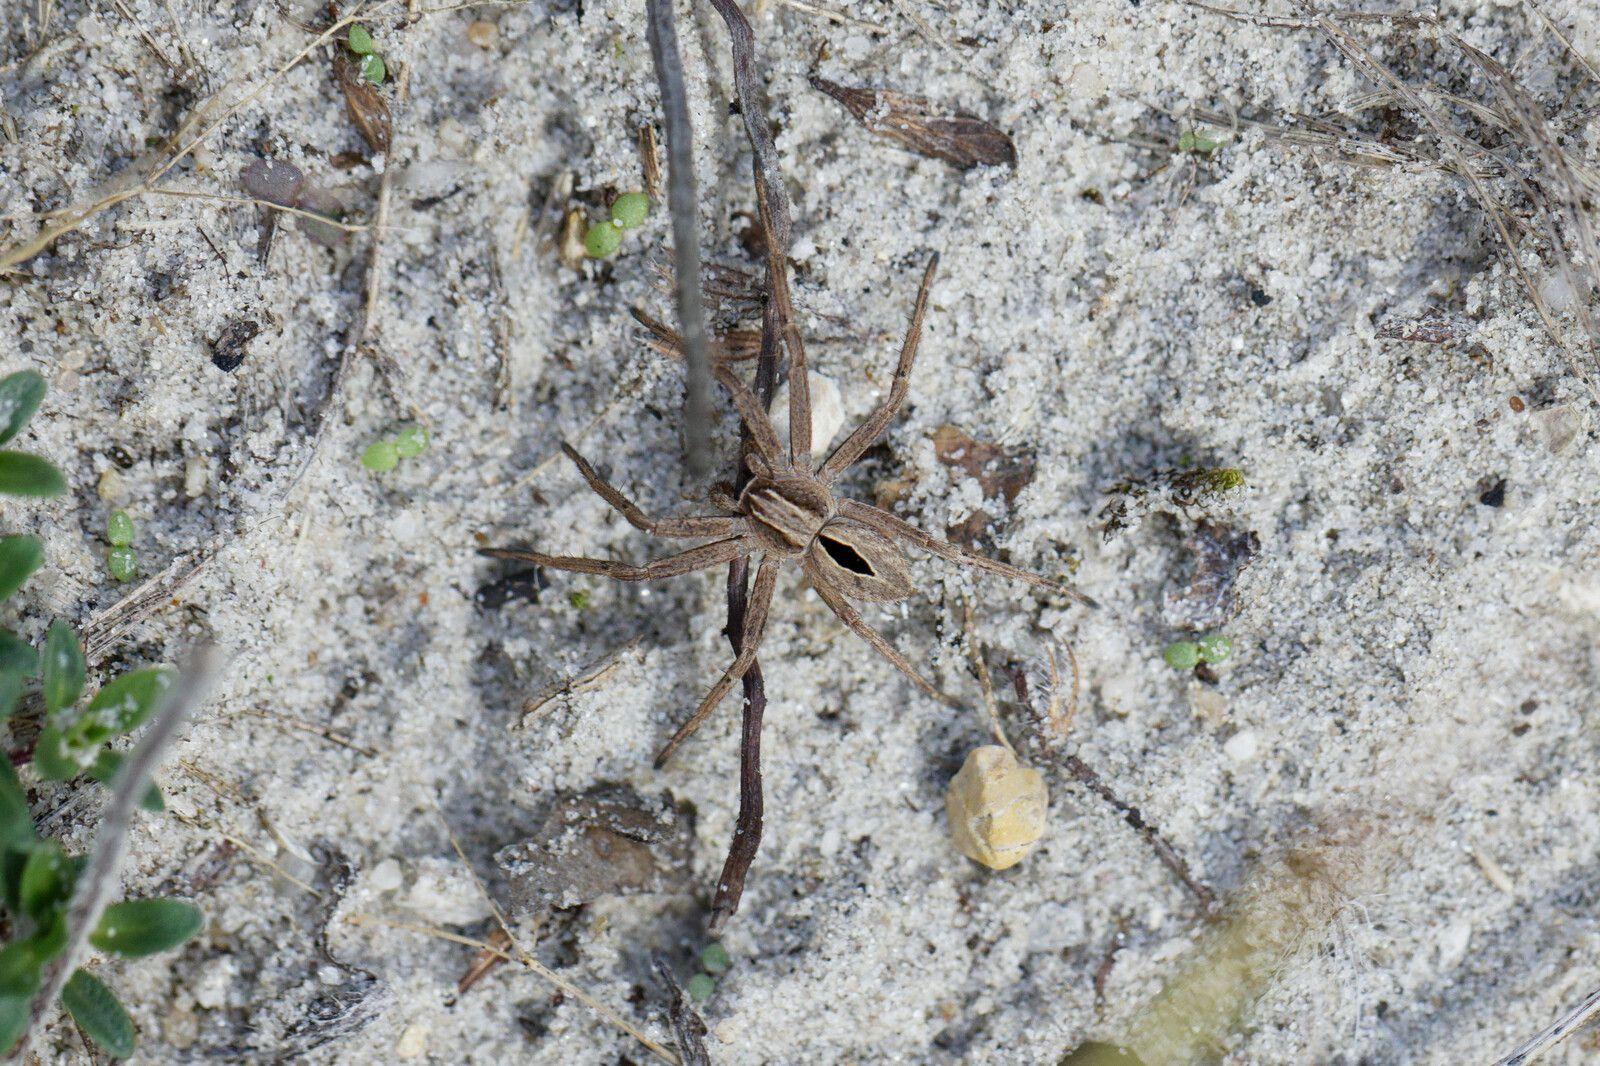 Thanacus formicinus